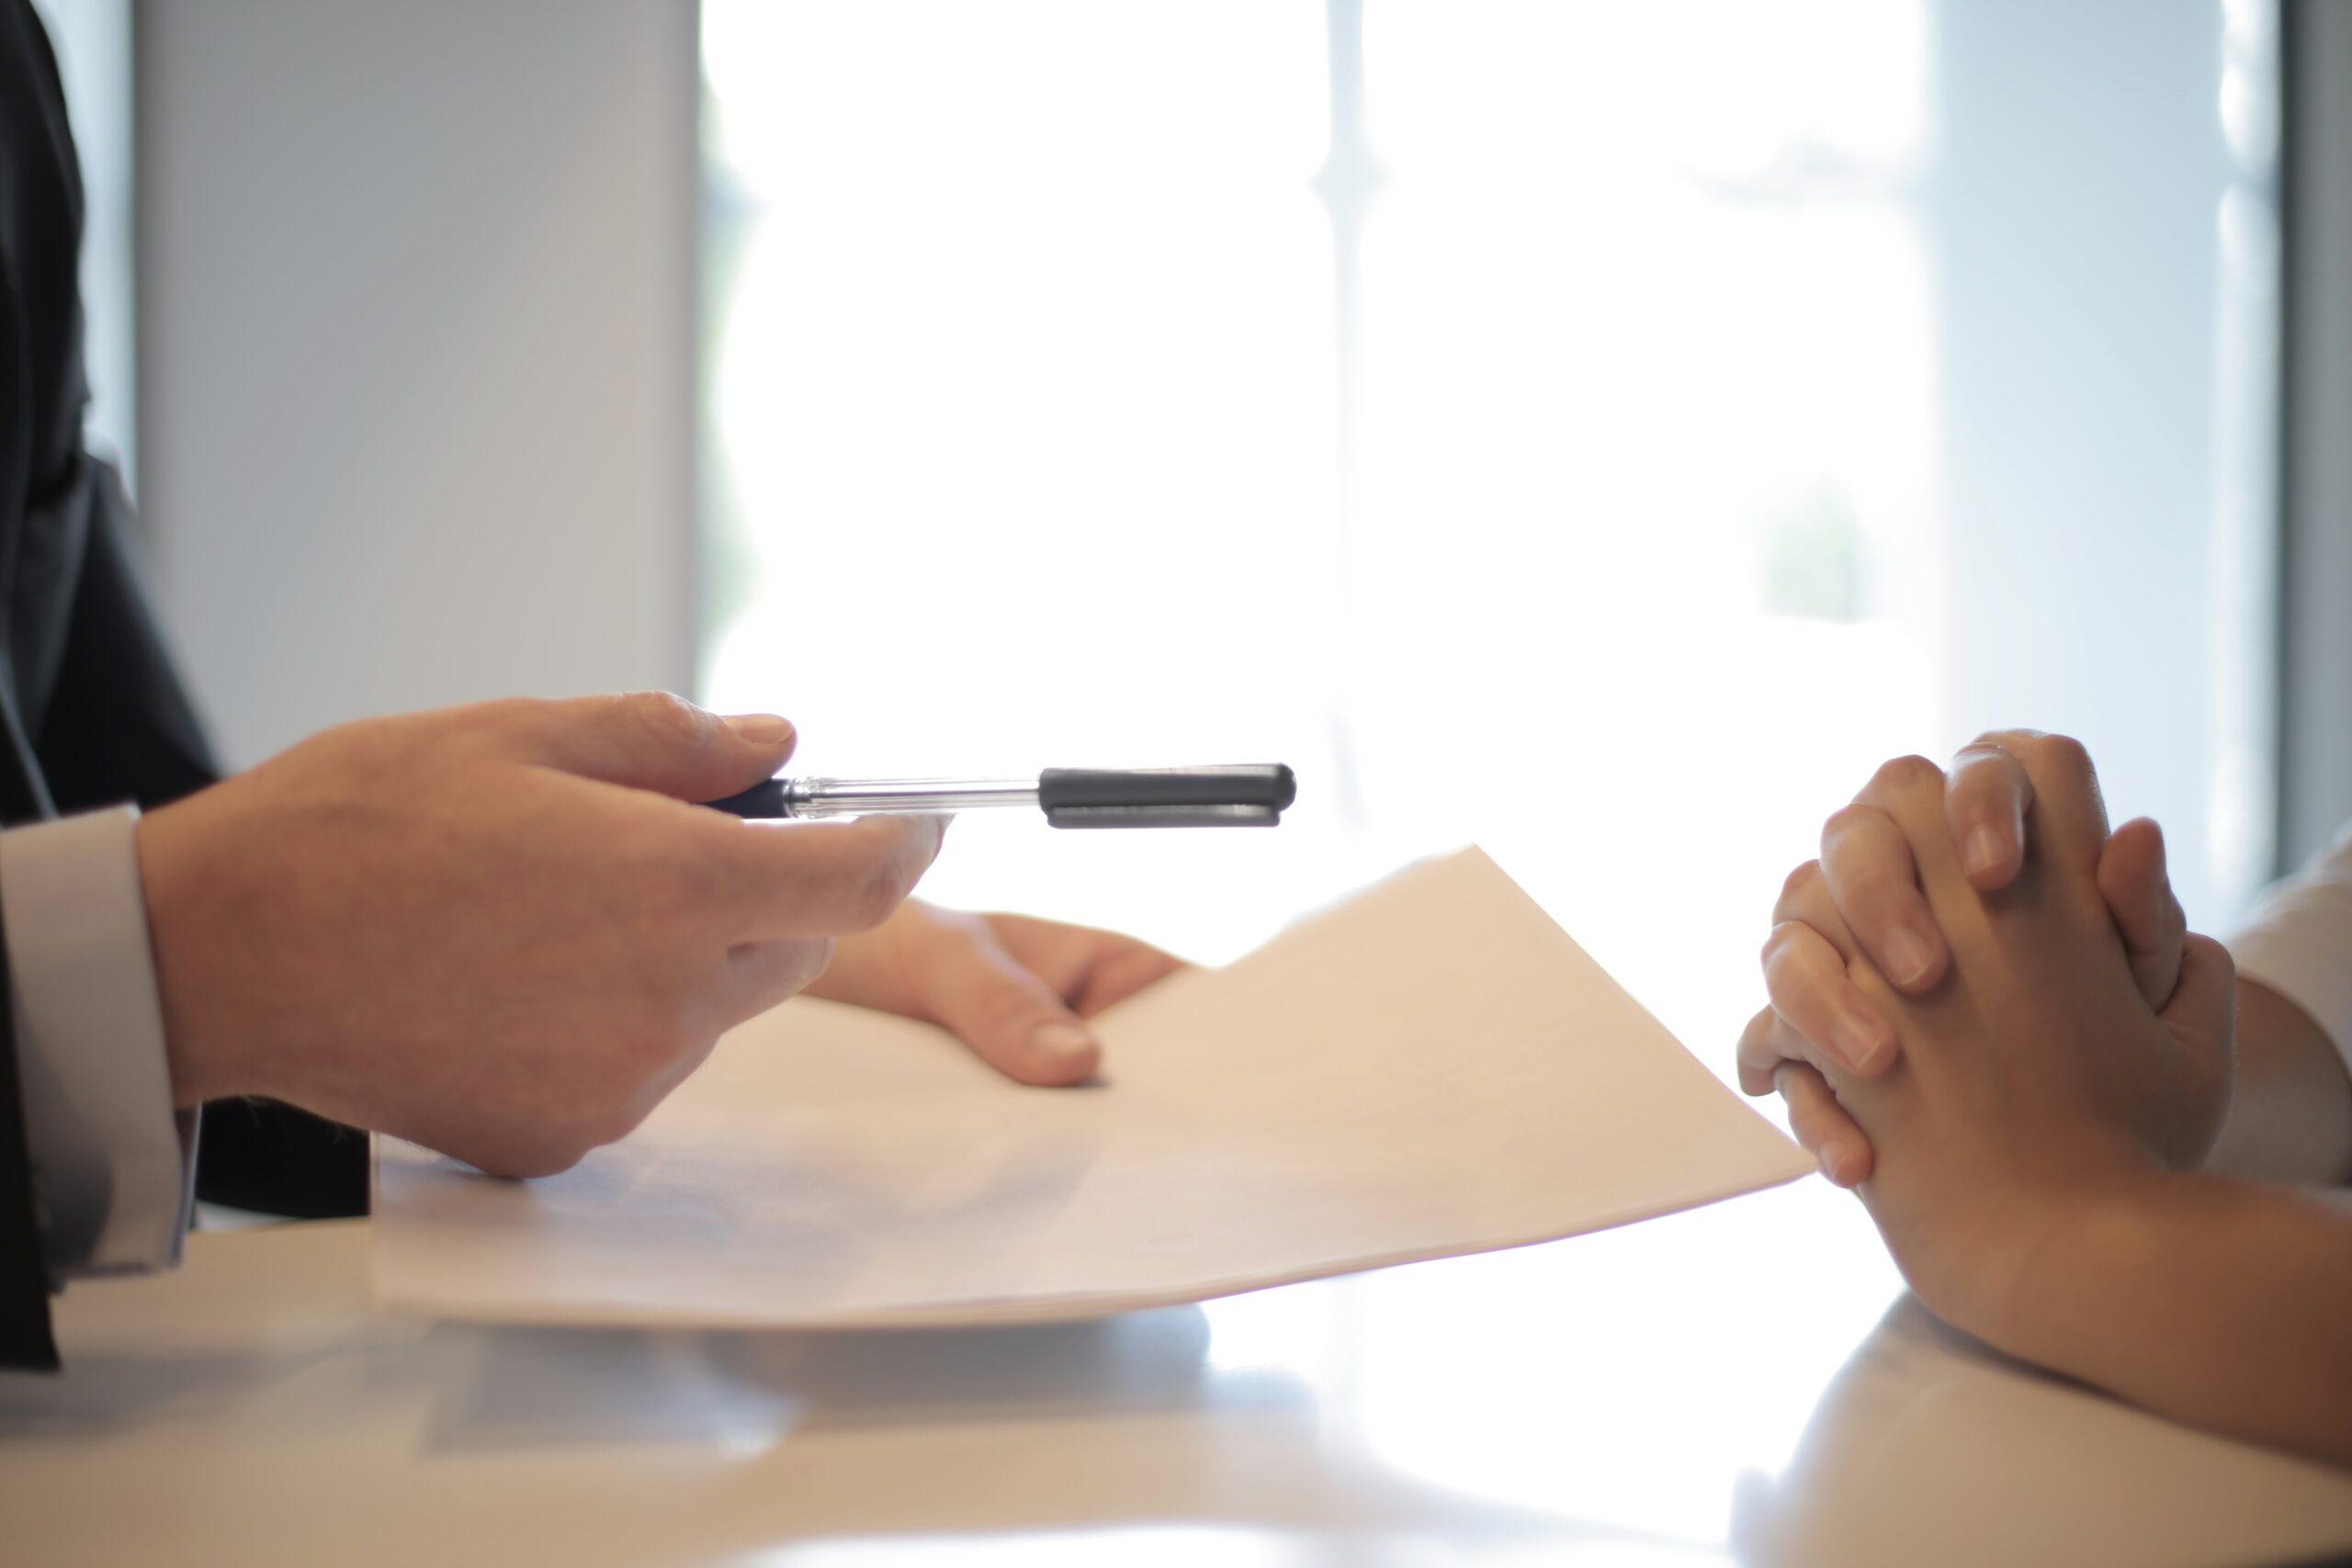 La Terapia a Seduta Singola è psicoterapia?